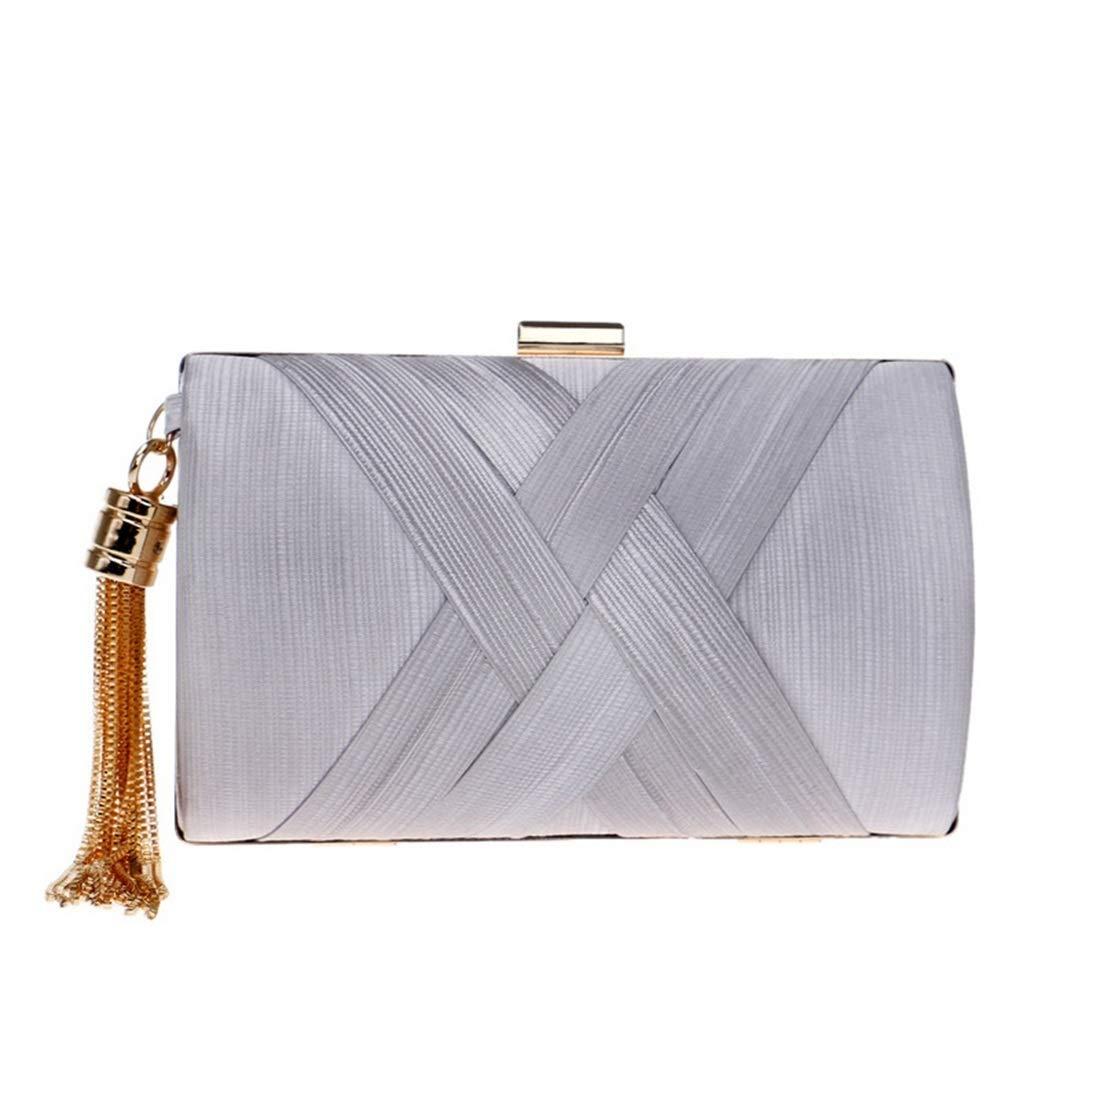 1b874f265b6a6 Cvthfyk Damen Reine Farbe Handtasche Abendgesellschaft Braut Hochzeit Handtasche  Handtasche Handtasche (Farbe Silber) B07QHWZLXQ Clutches Online-Shop 7b6722